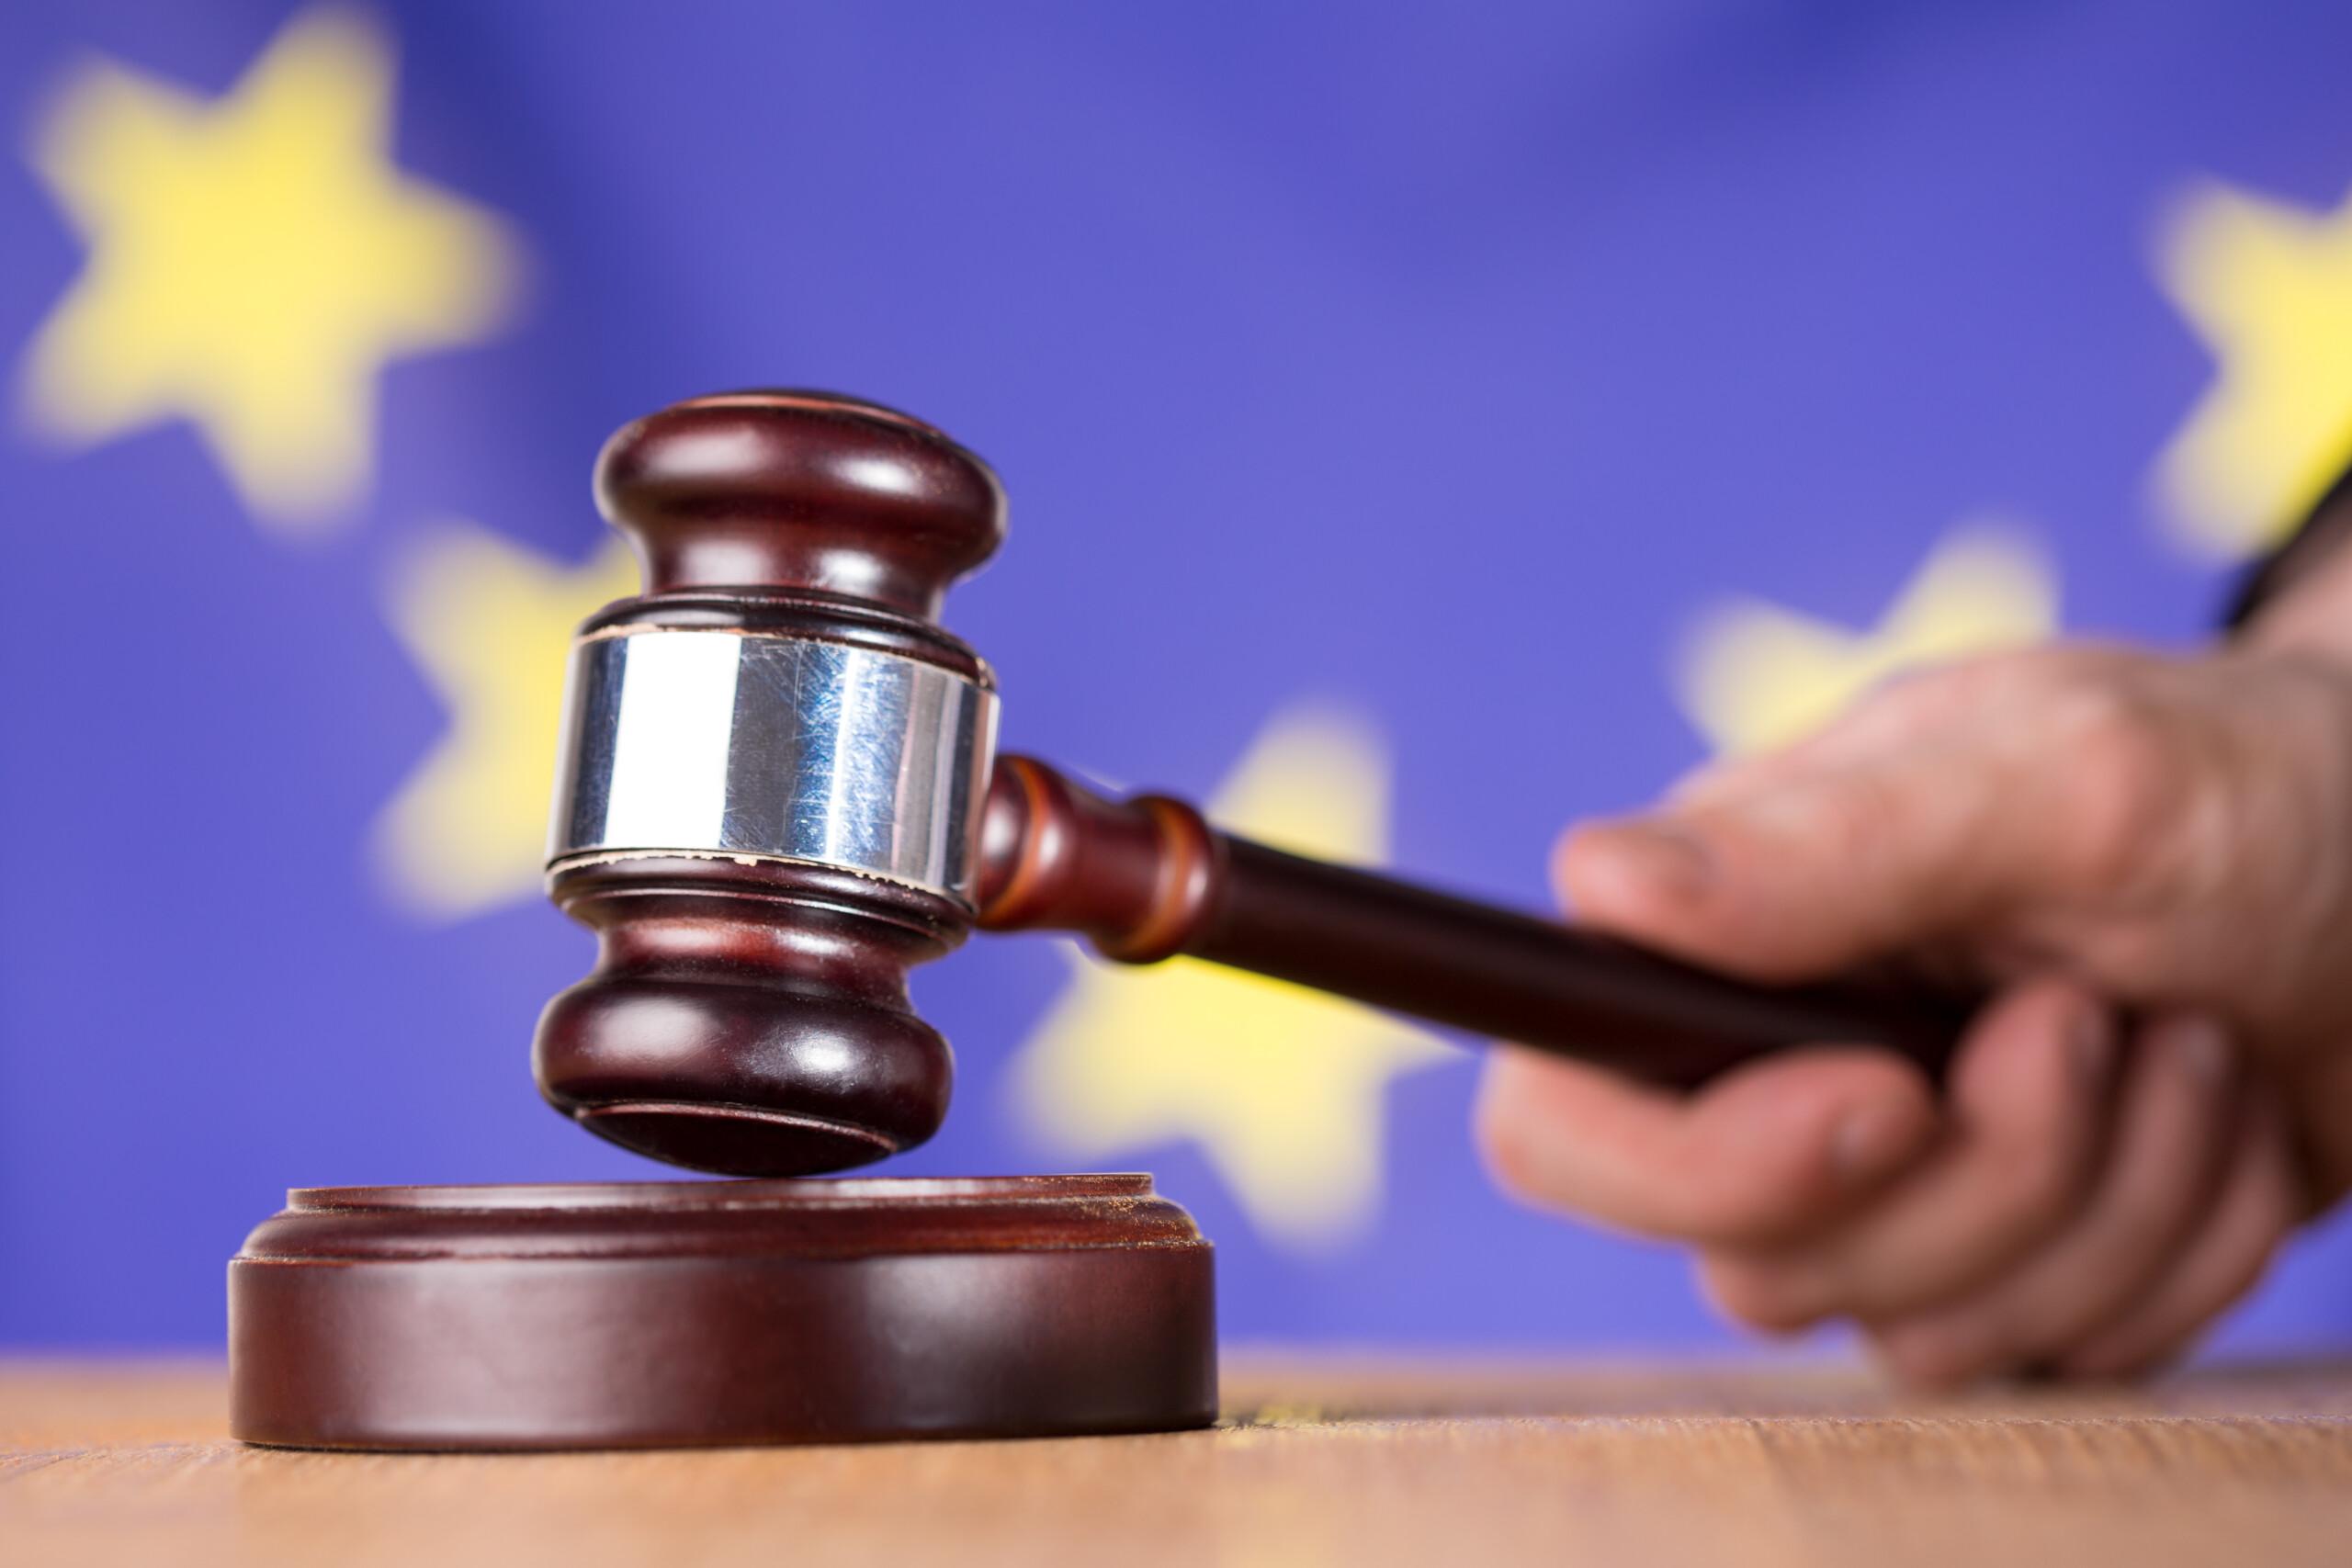 Πηγές ευρωπαϊκής εισαγγελίας για την «εμπλοκή» με τους εισαγγελείς εφετών: «Δεν αμφισβητείται το ΑΔΣ – Ζητούνται μόνο διευκρινίσεις»